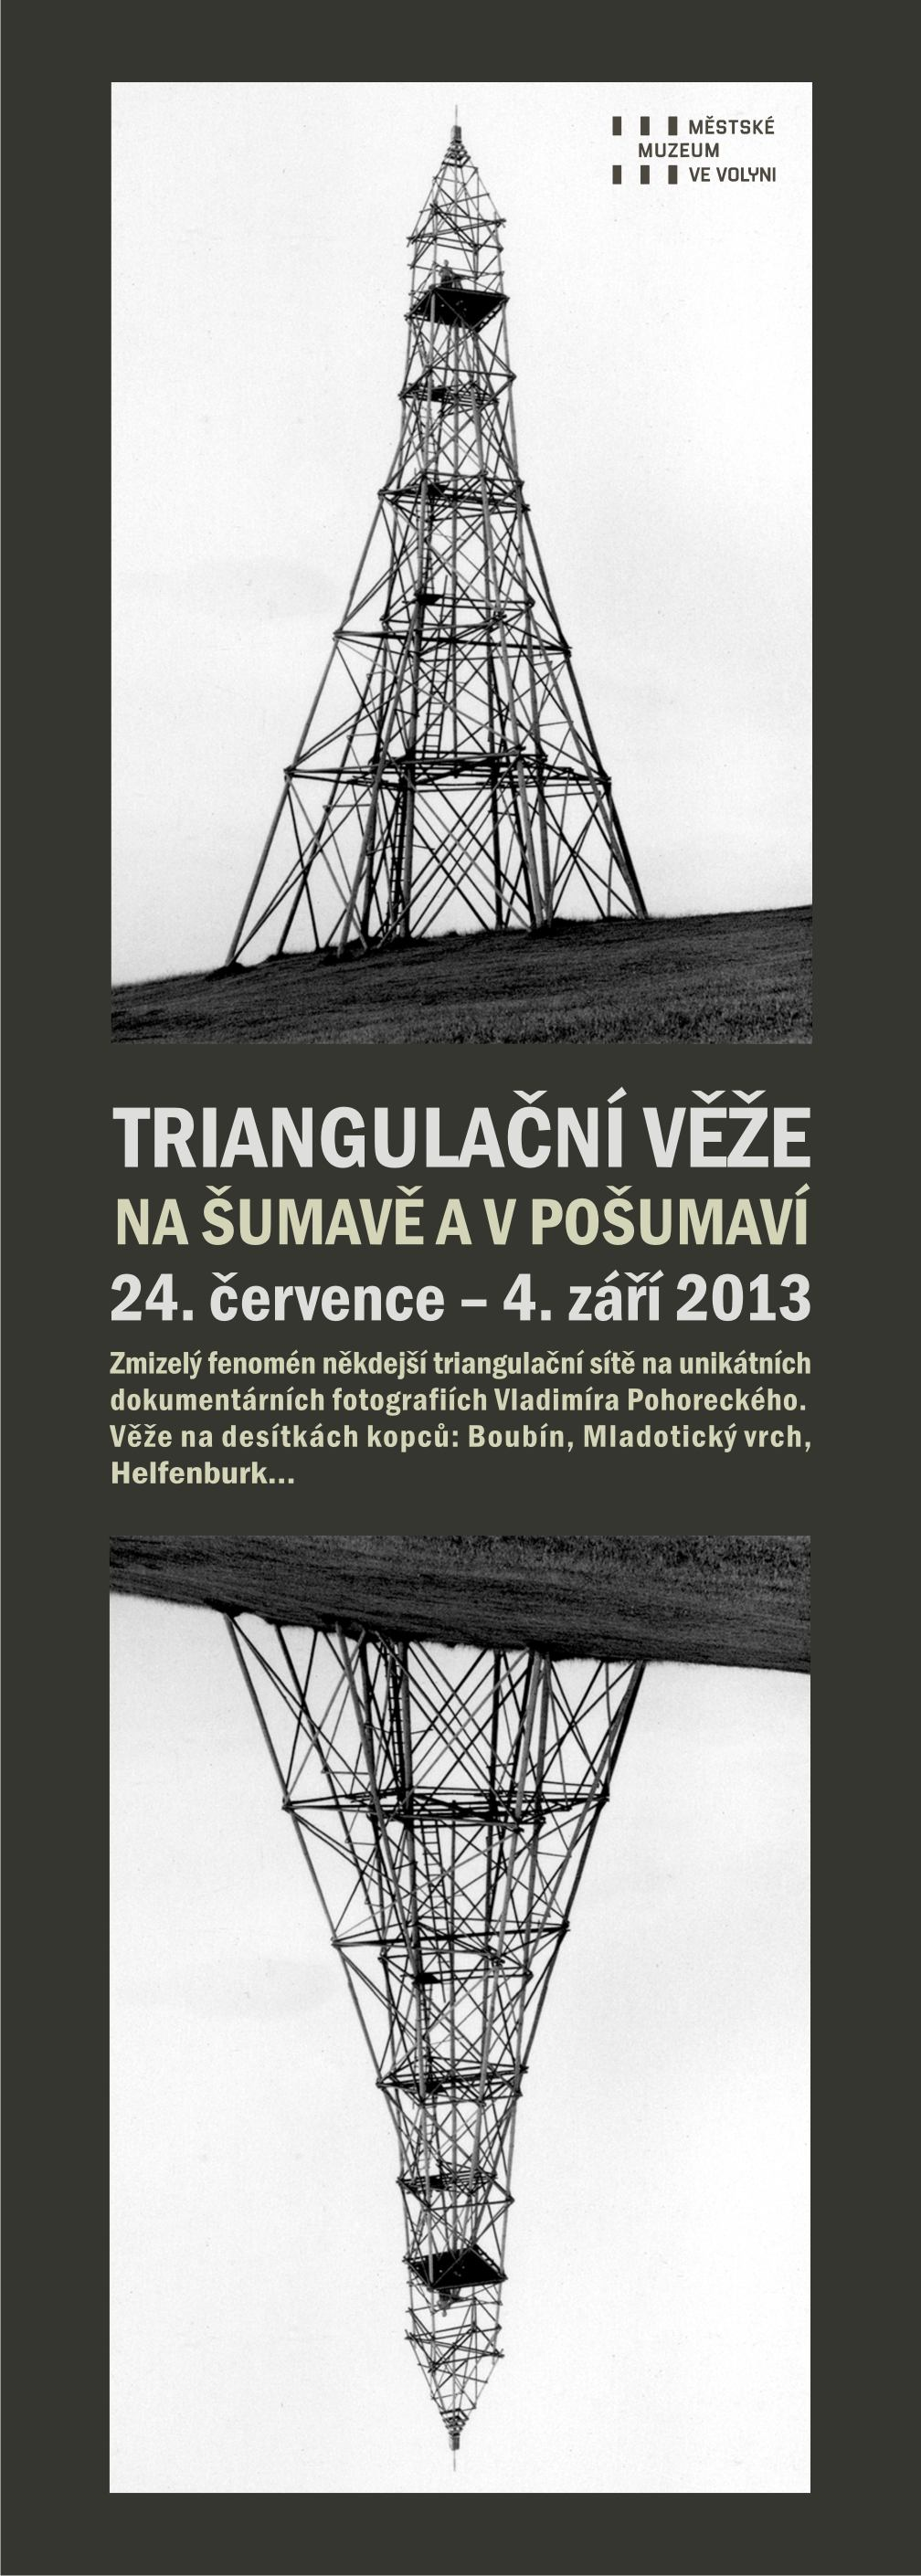 Muzeum- divadlo na nádvoří, bursovská přednáška a triangulační věže na Šumavě